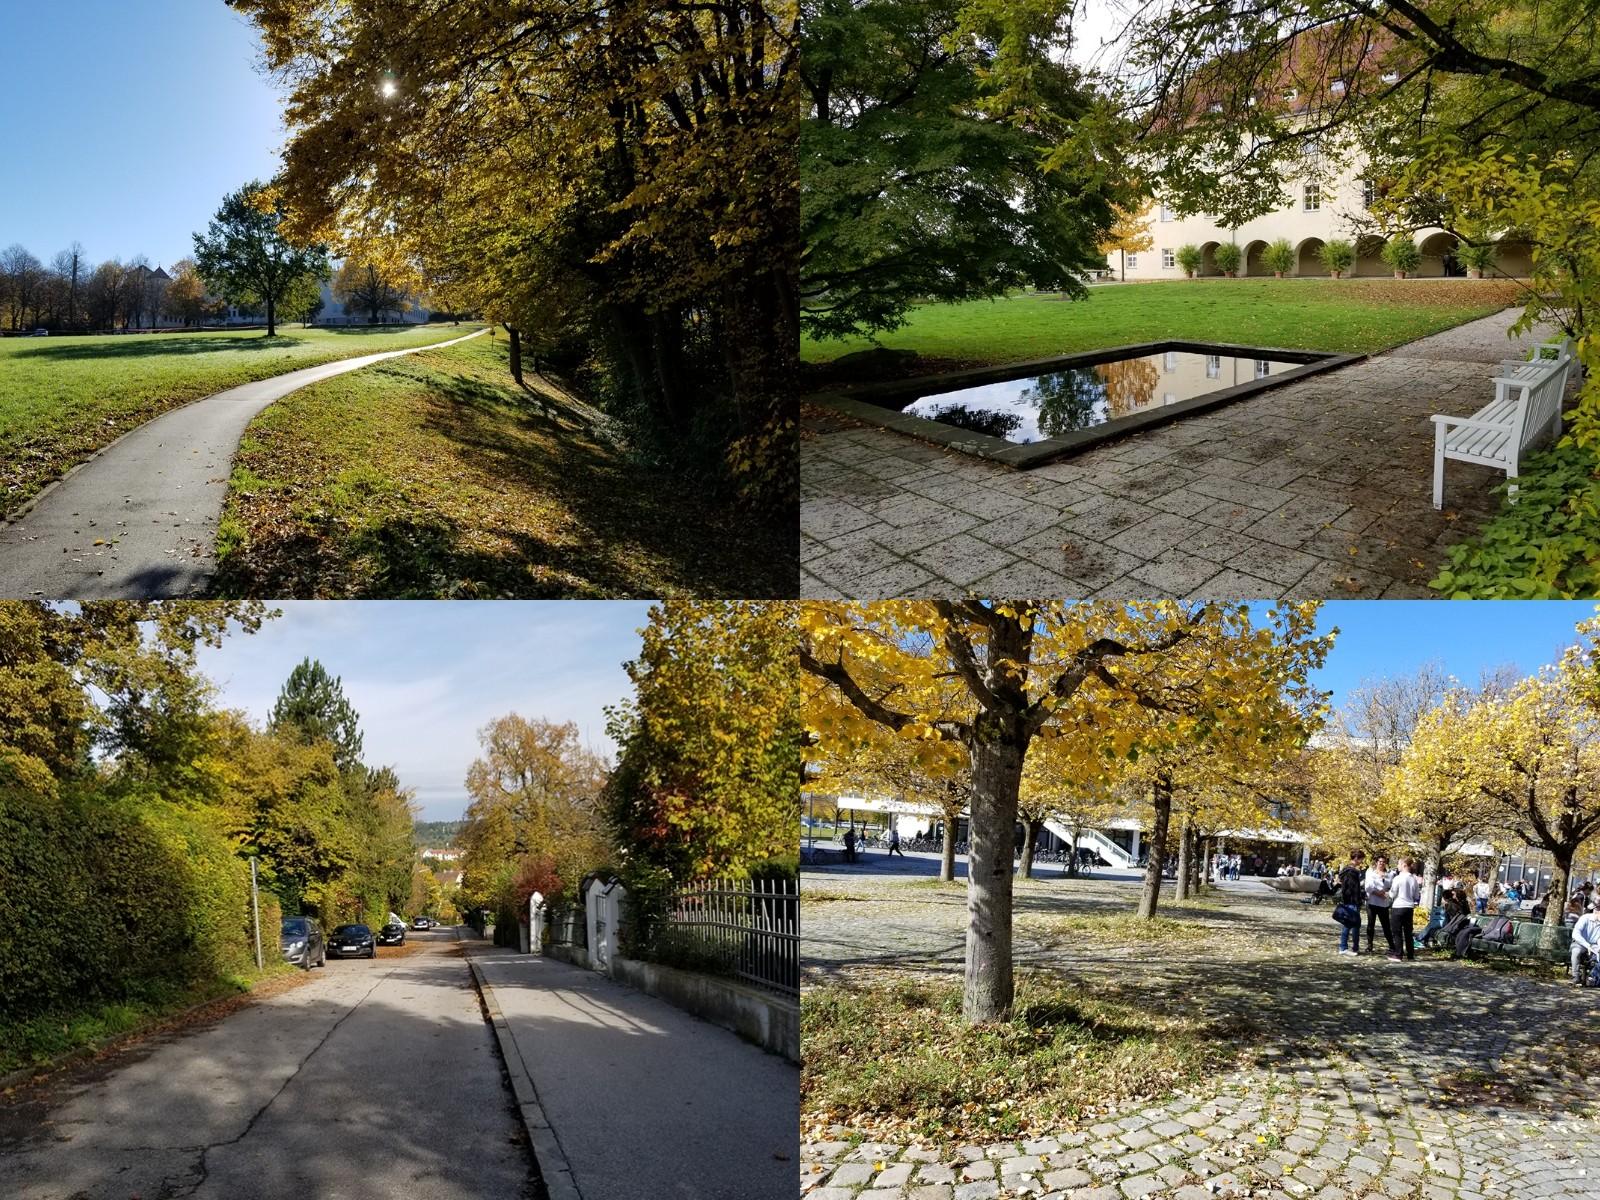 慕尼黑工业大学弗莱辛校区秋季风光